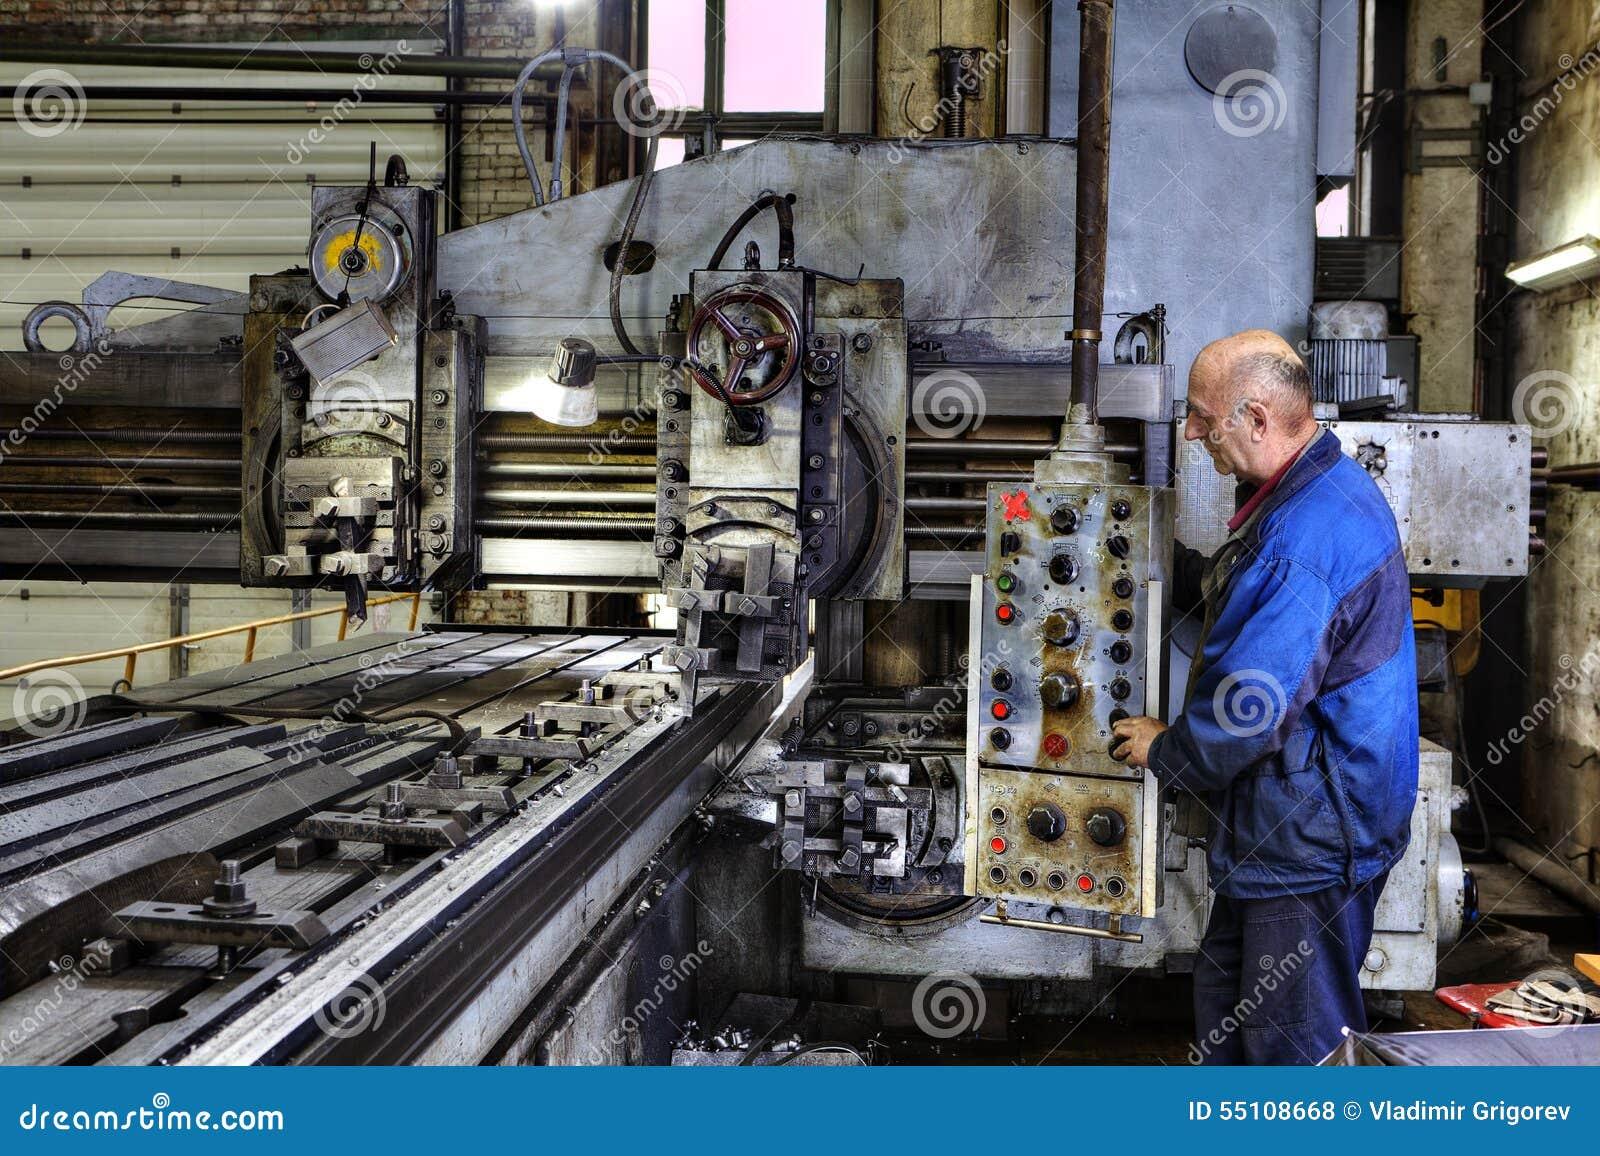 metal st machine